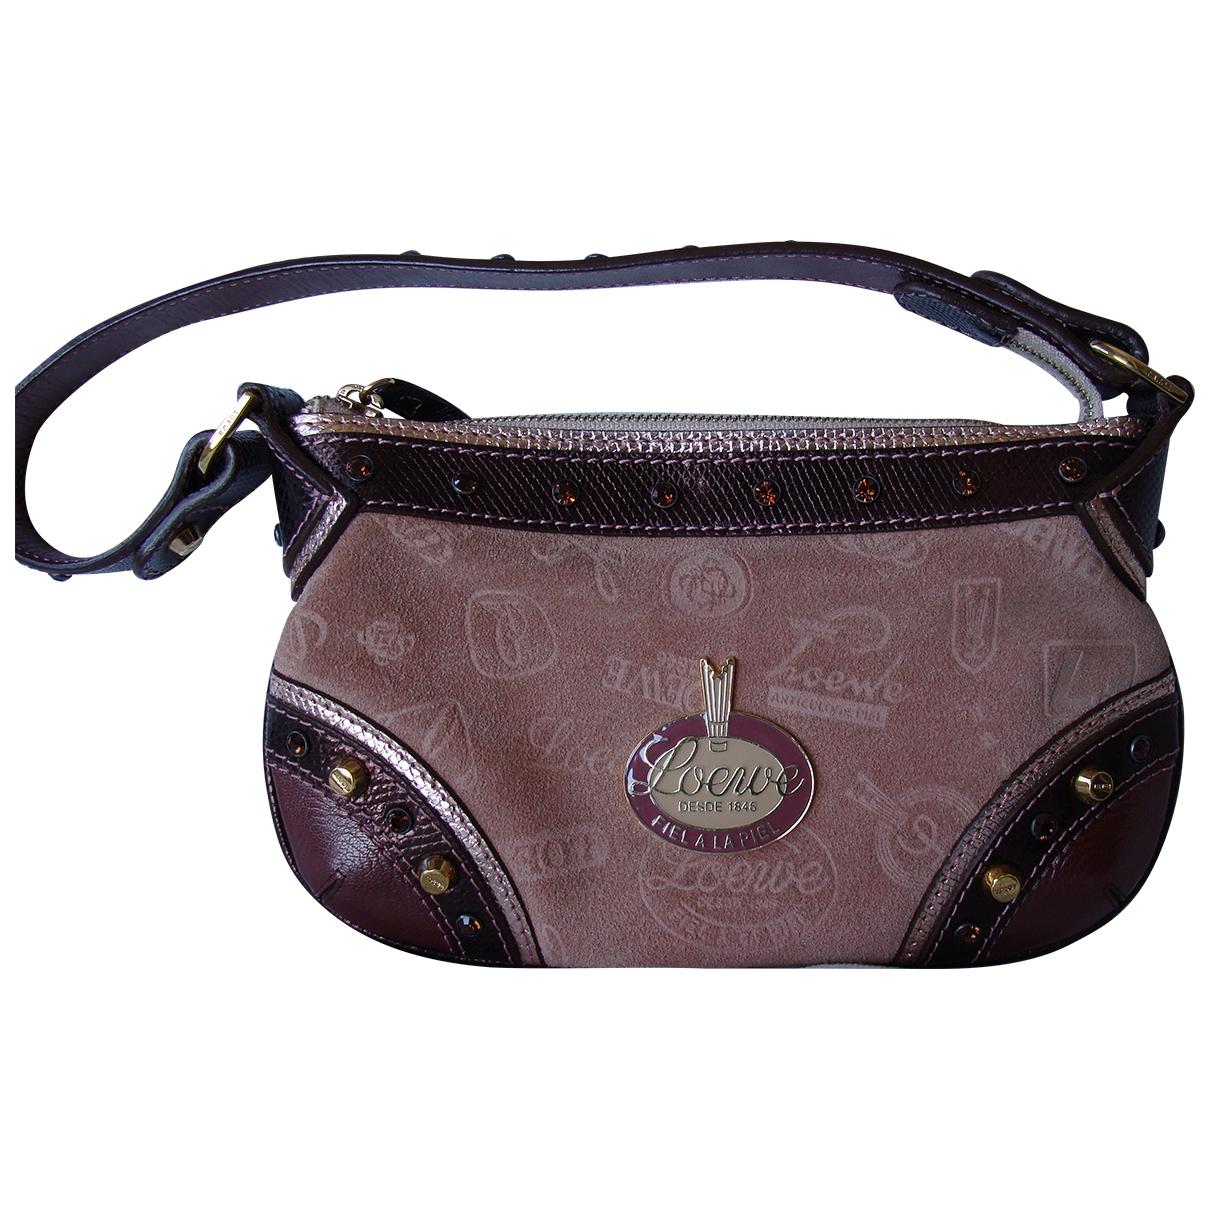 Loewe \N Pink Suede Clutch bag for Women \N